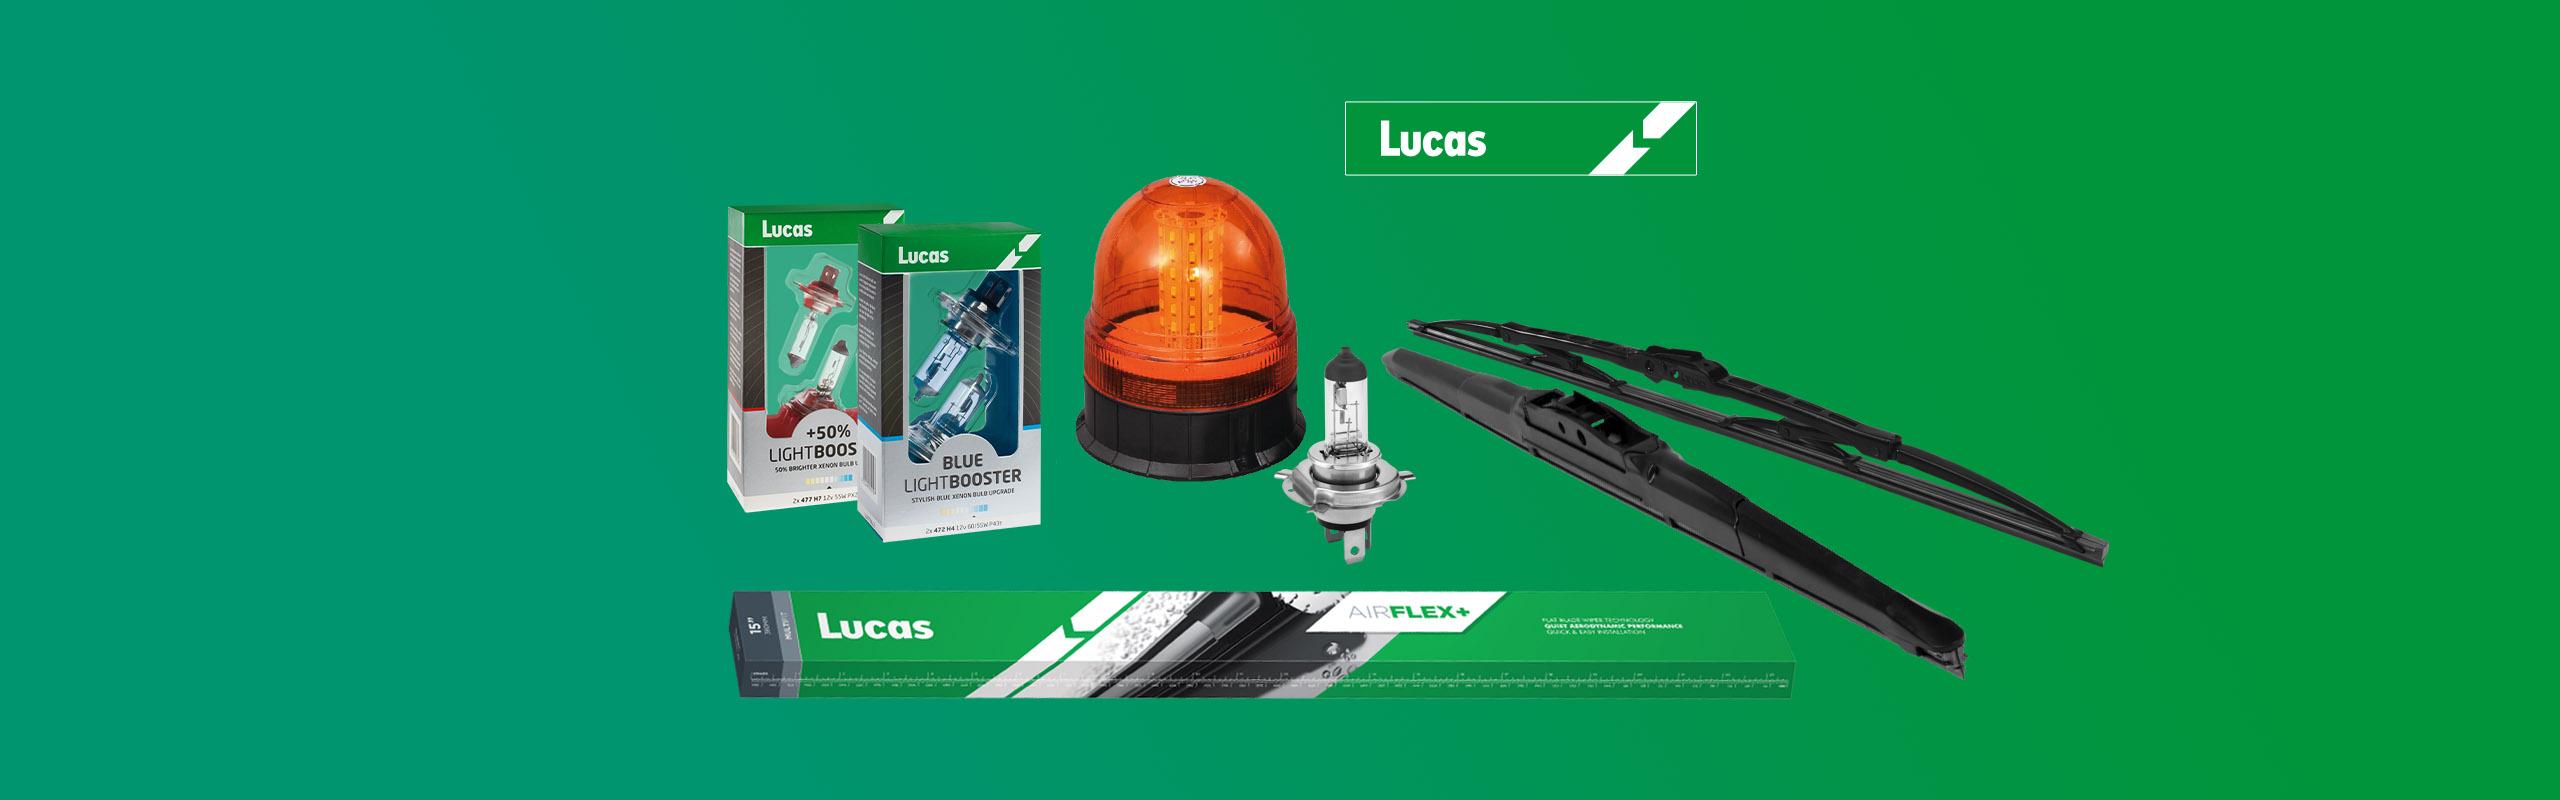 LUCAS-slider-1-new